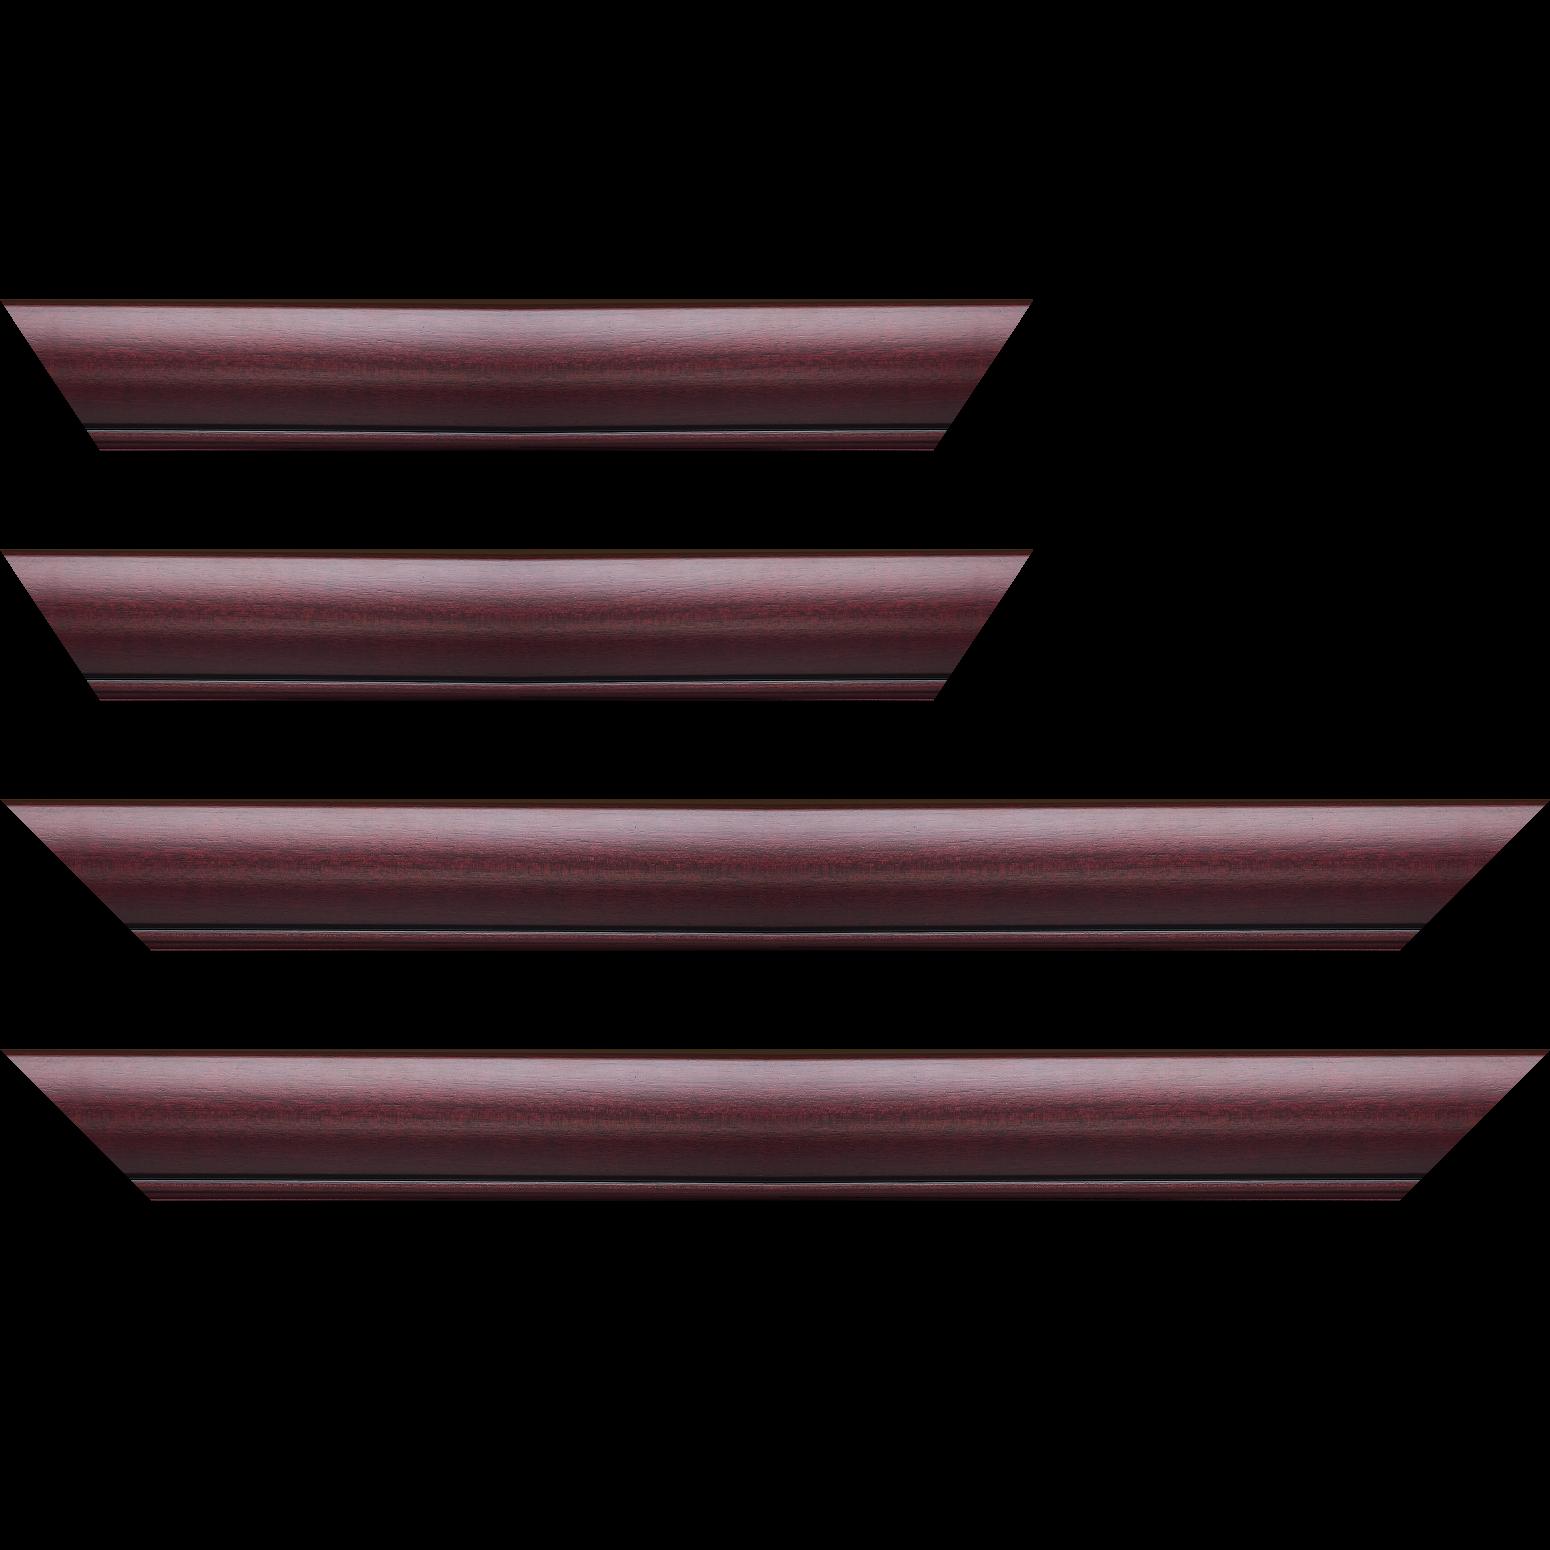 Baguette service précoupé Bois profil arrondi largeur 4.7cm couleur bordeaux lie de vin satiné rehaussé d'un filet noir